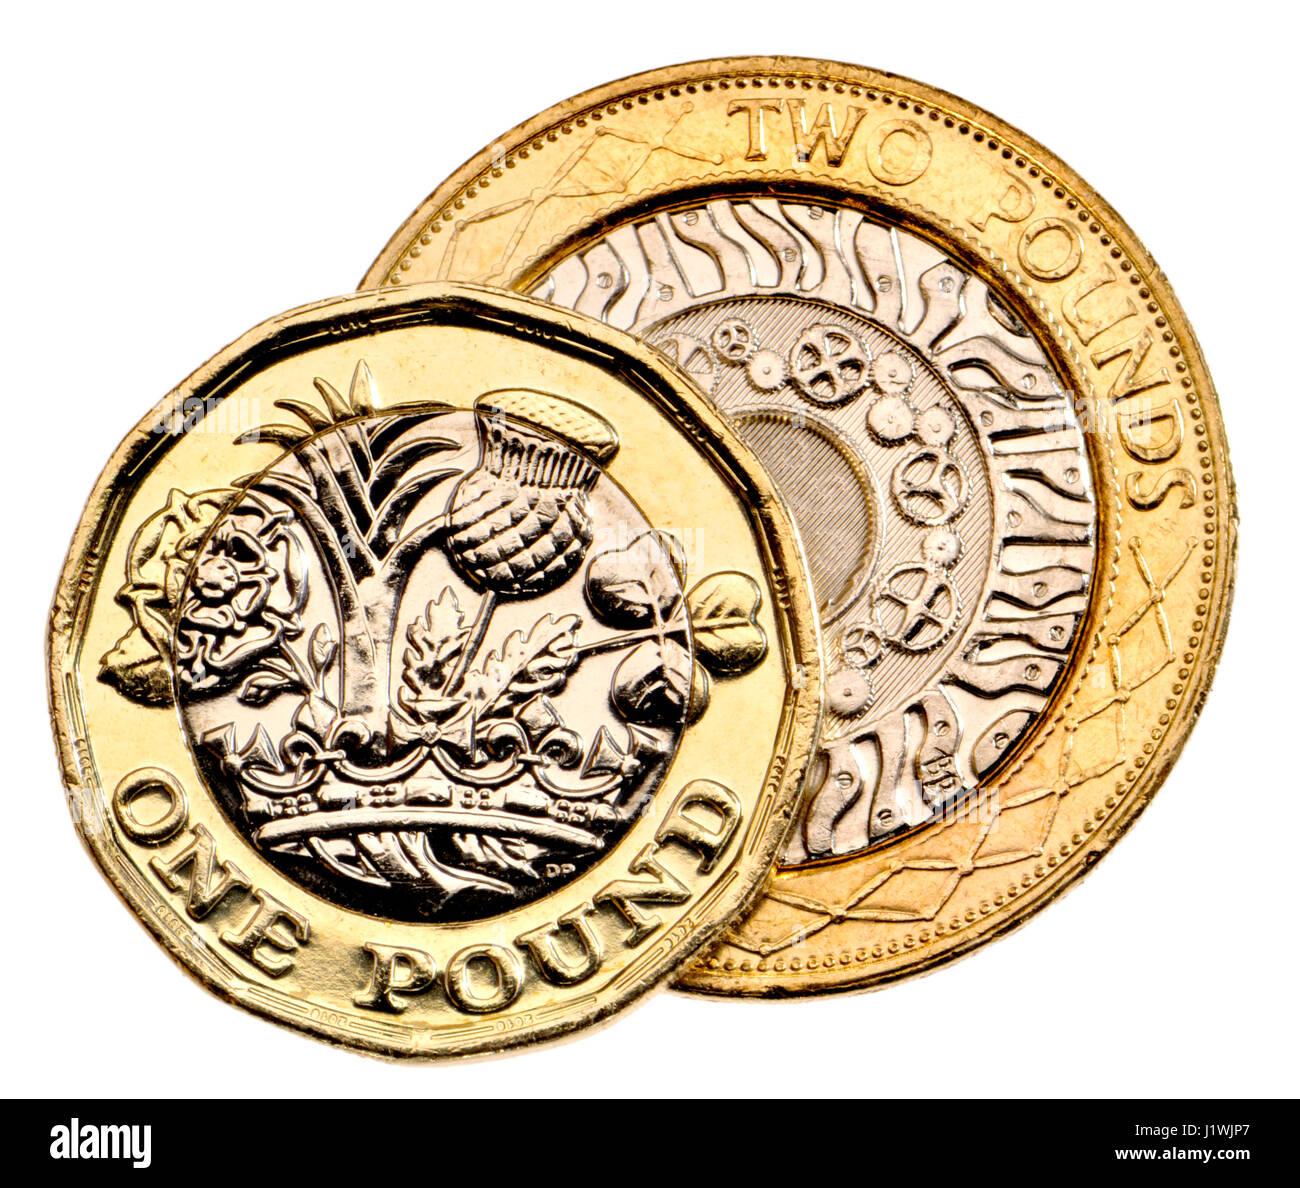 Britische Pfund Münze Zwölf Doppelseitigen Bimetall 2017 Release